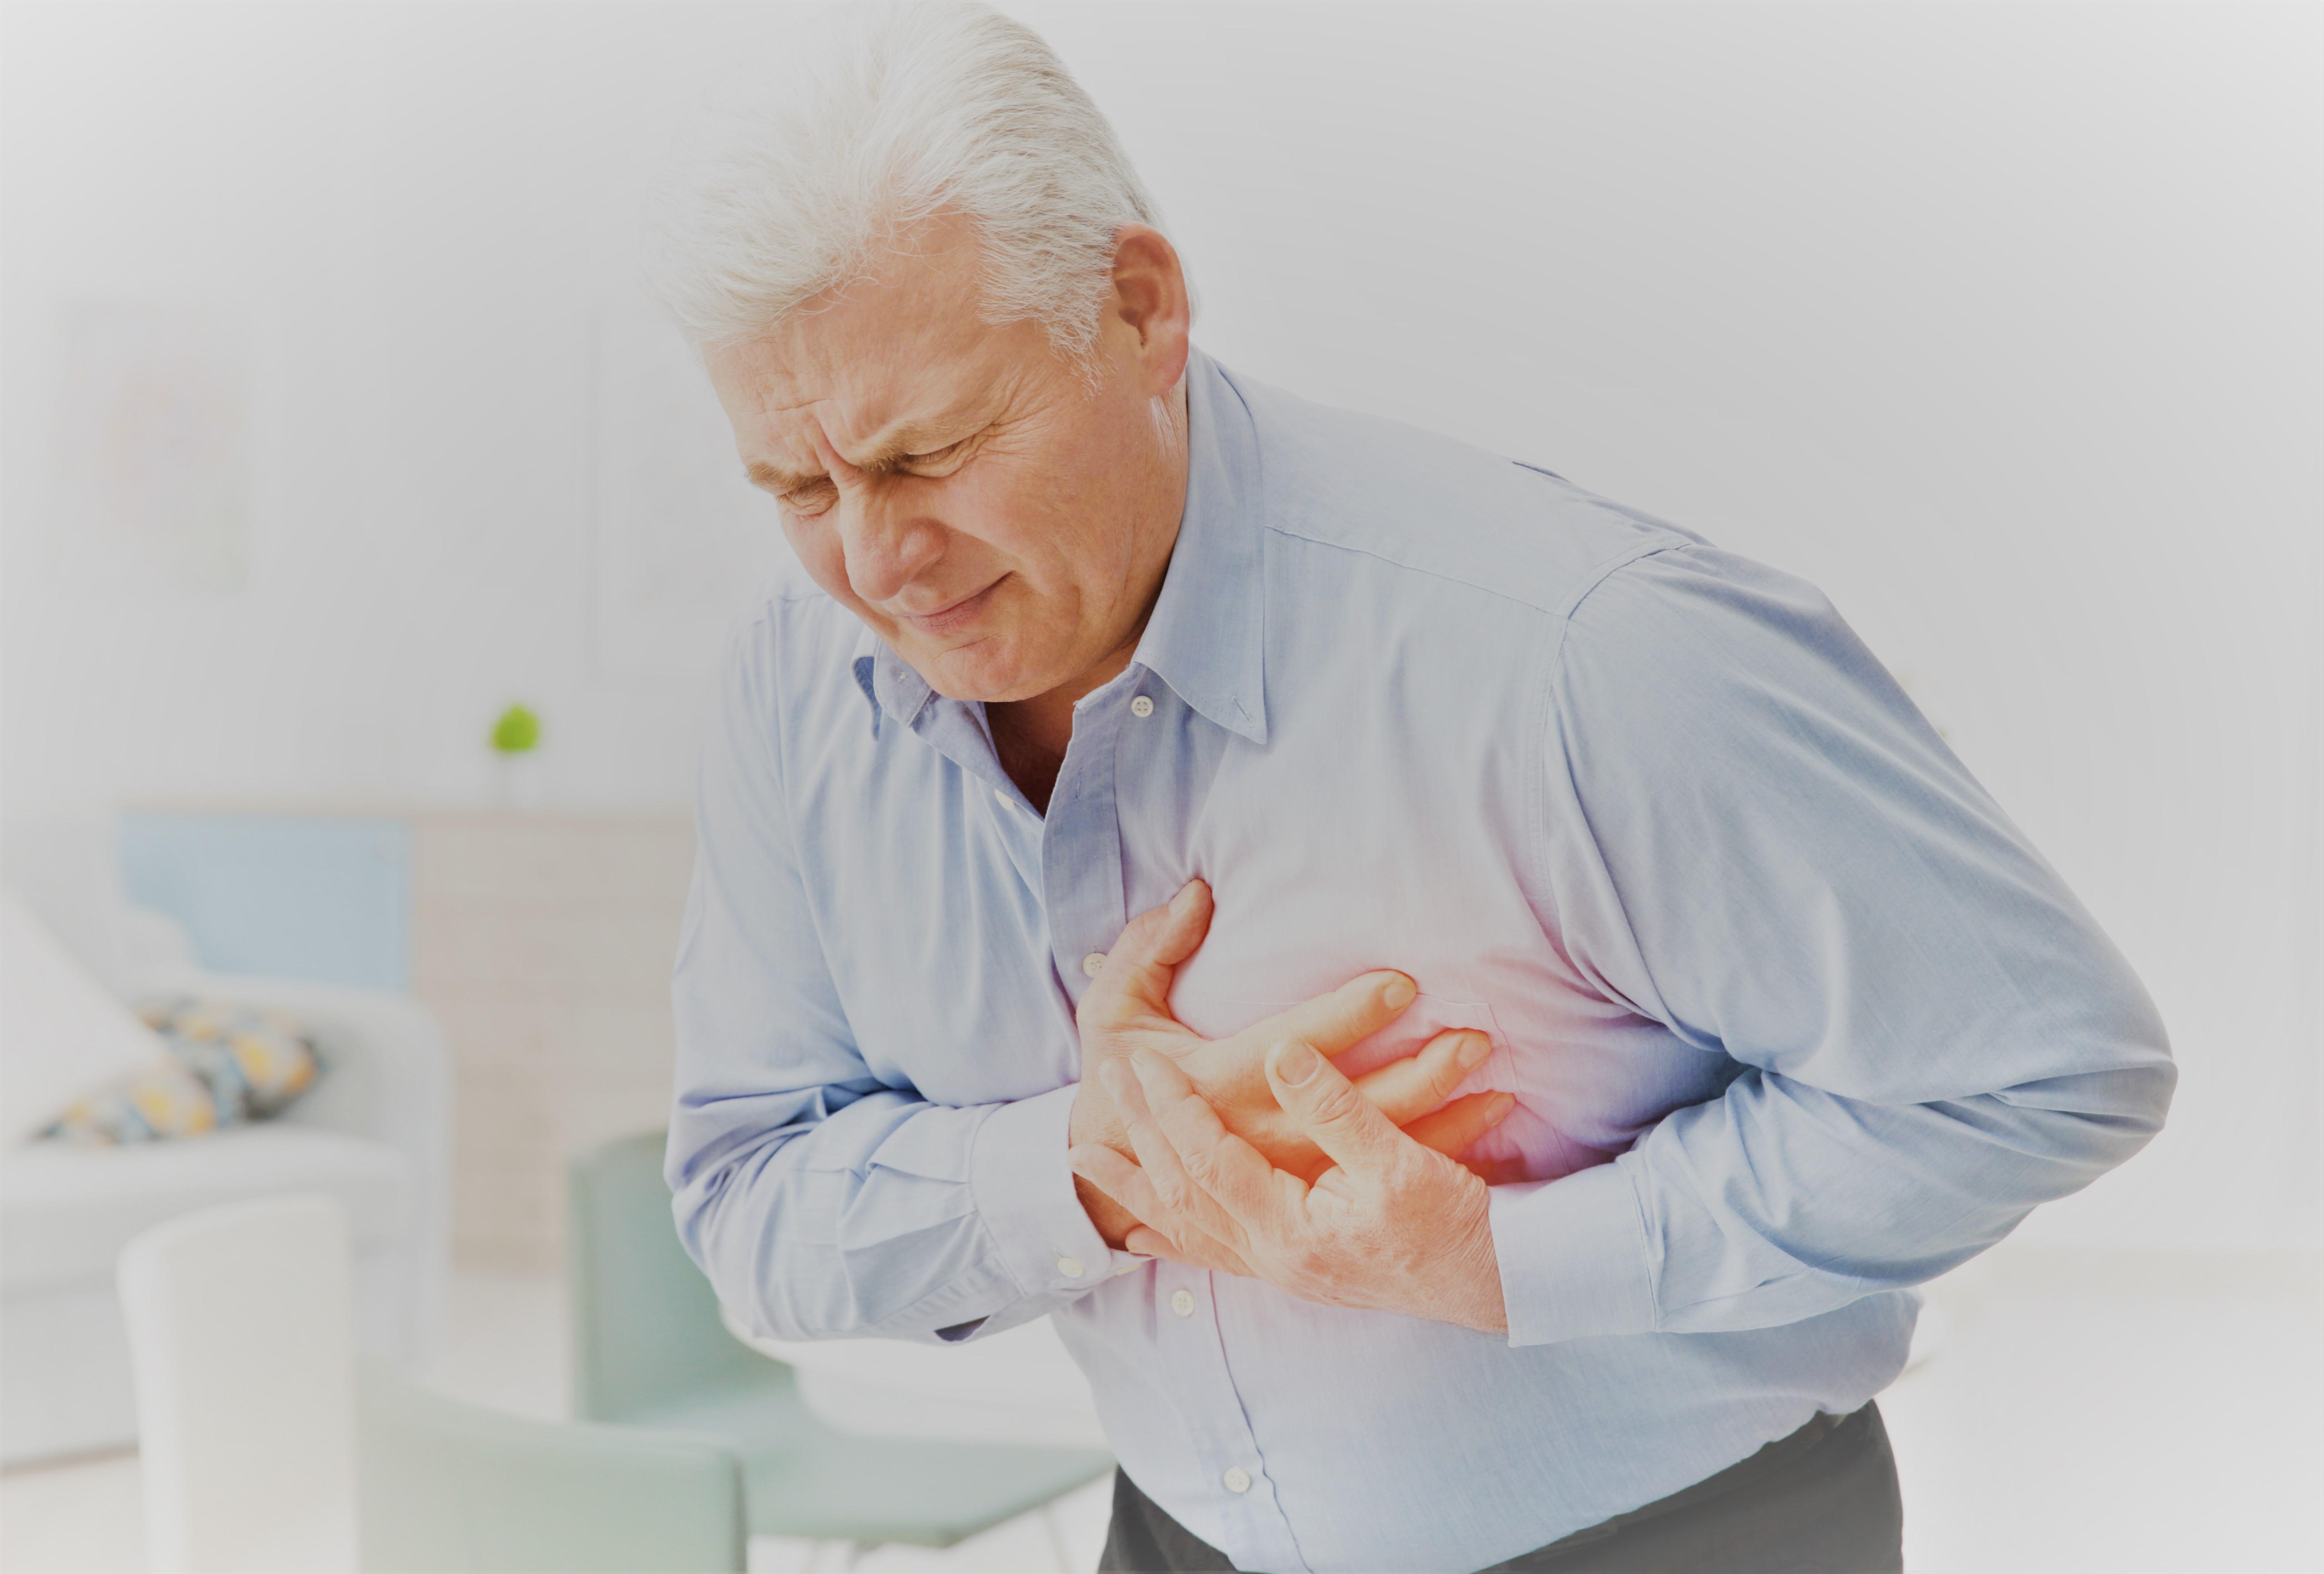 magas vérnyomás 3 fokos kezelése népi gyógymódokkal magas vérnyomás és öngyógyítás